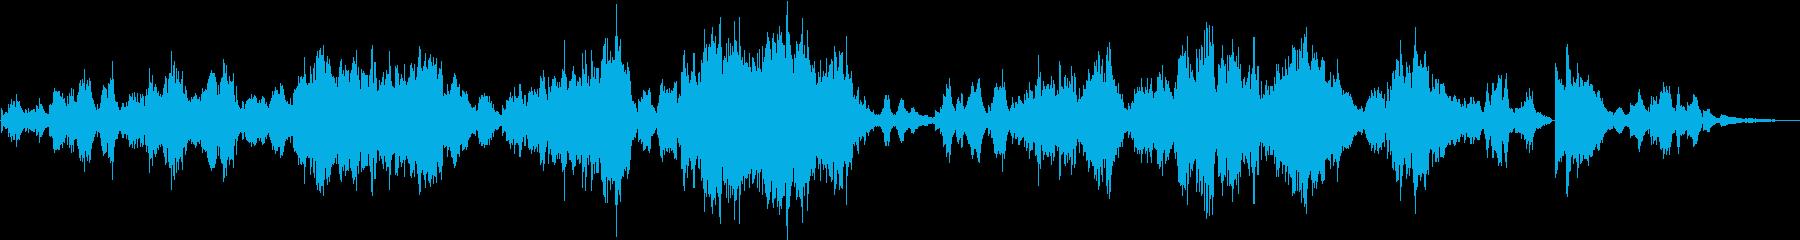 タイスの瞑想曲/ゆったりとした生演奏の再生済みの波形